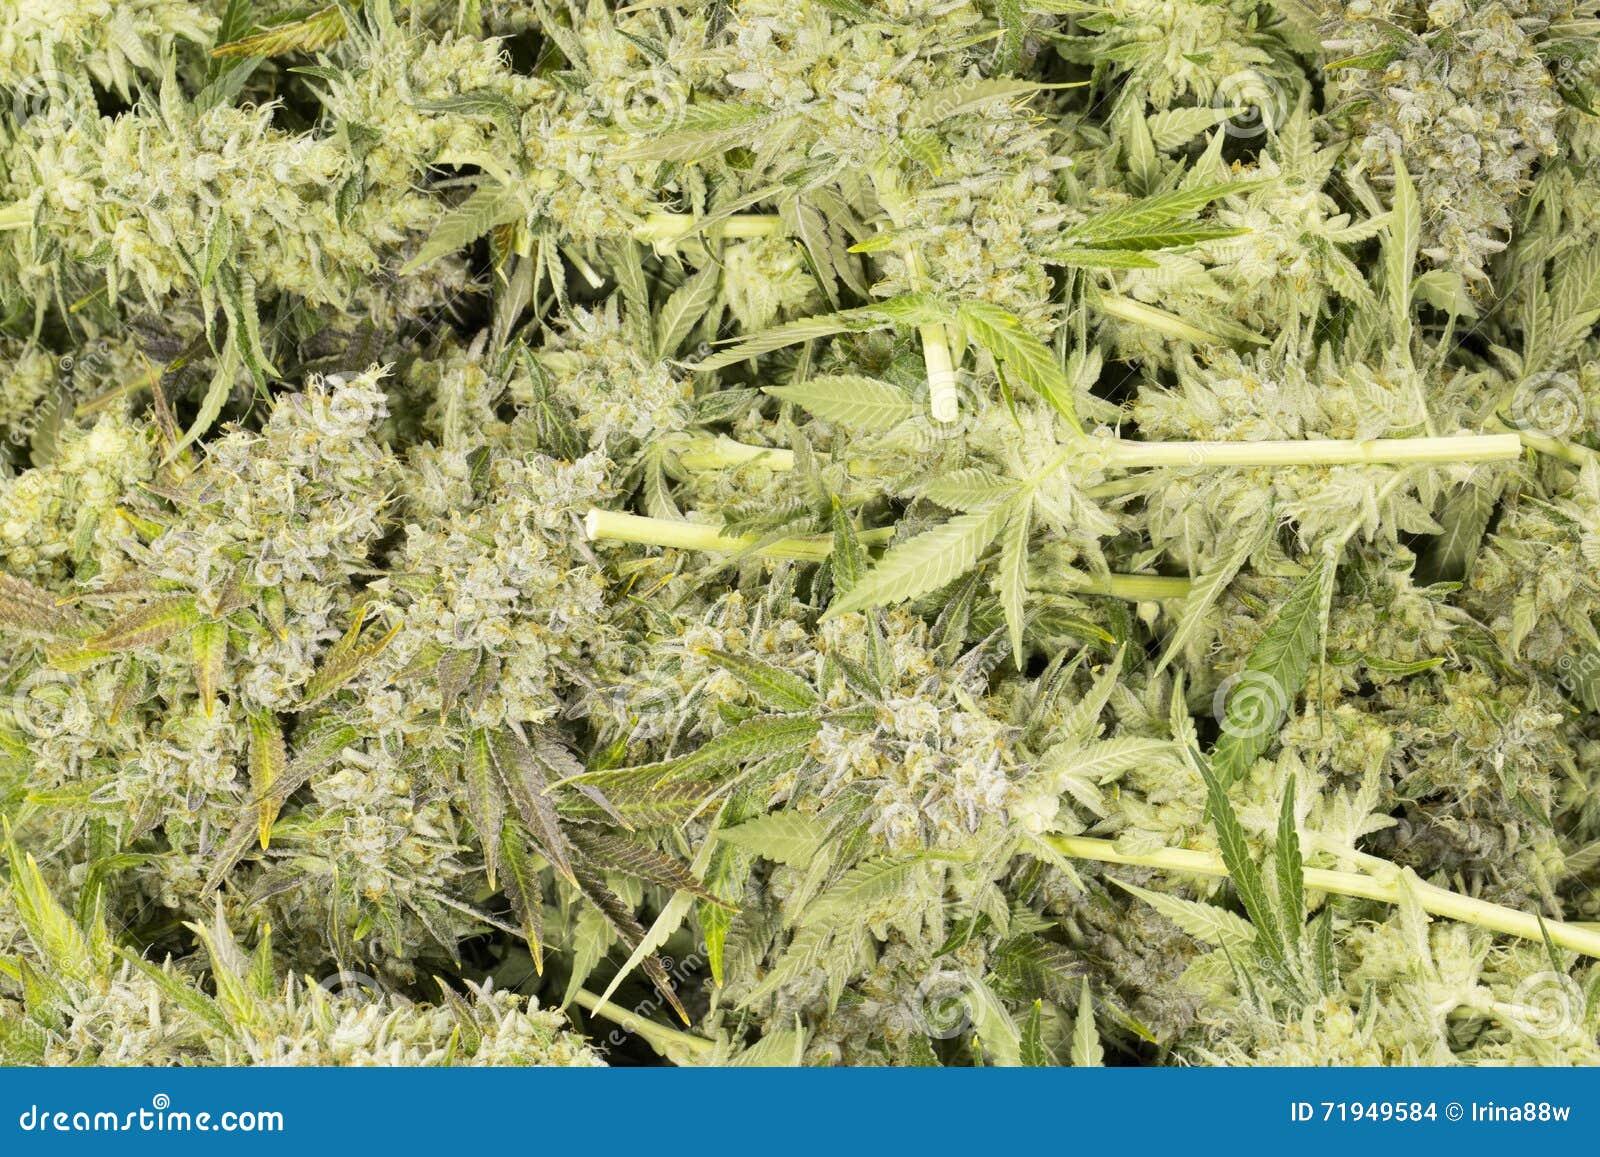 Бутоны марихуаны цветя (конопля), завод пеньки